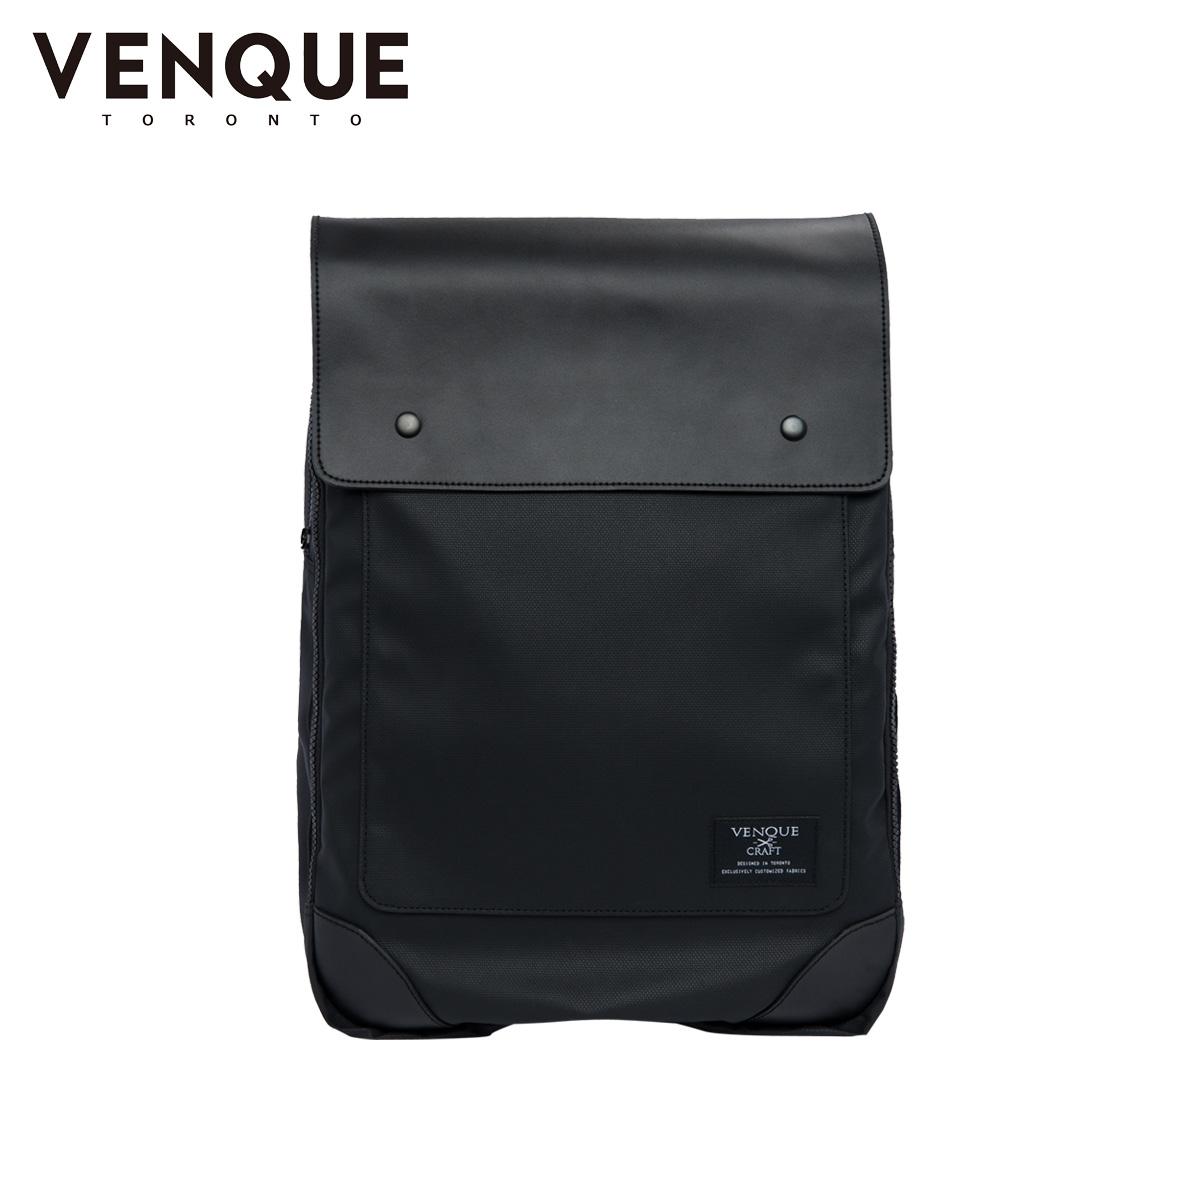 VENQUE FLATSQUR HYBERLIGH ヴェンク リュック バッグ バックパック メンズ レディース 24L ブラック 黒